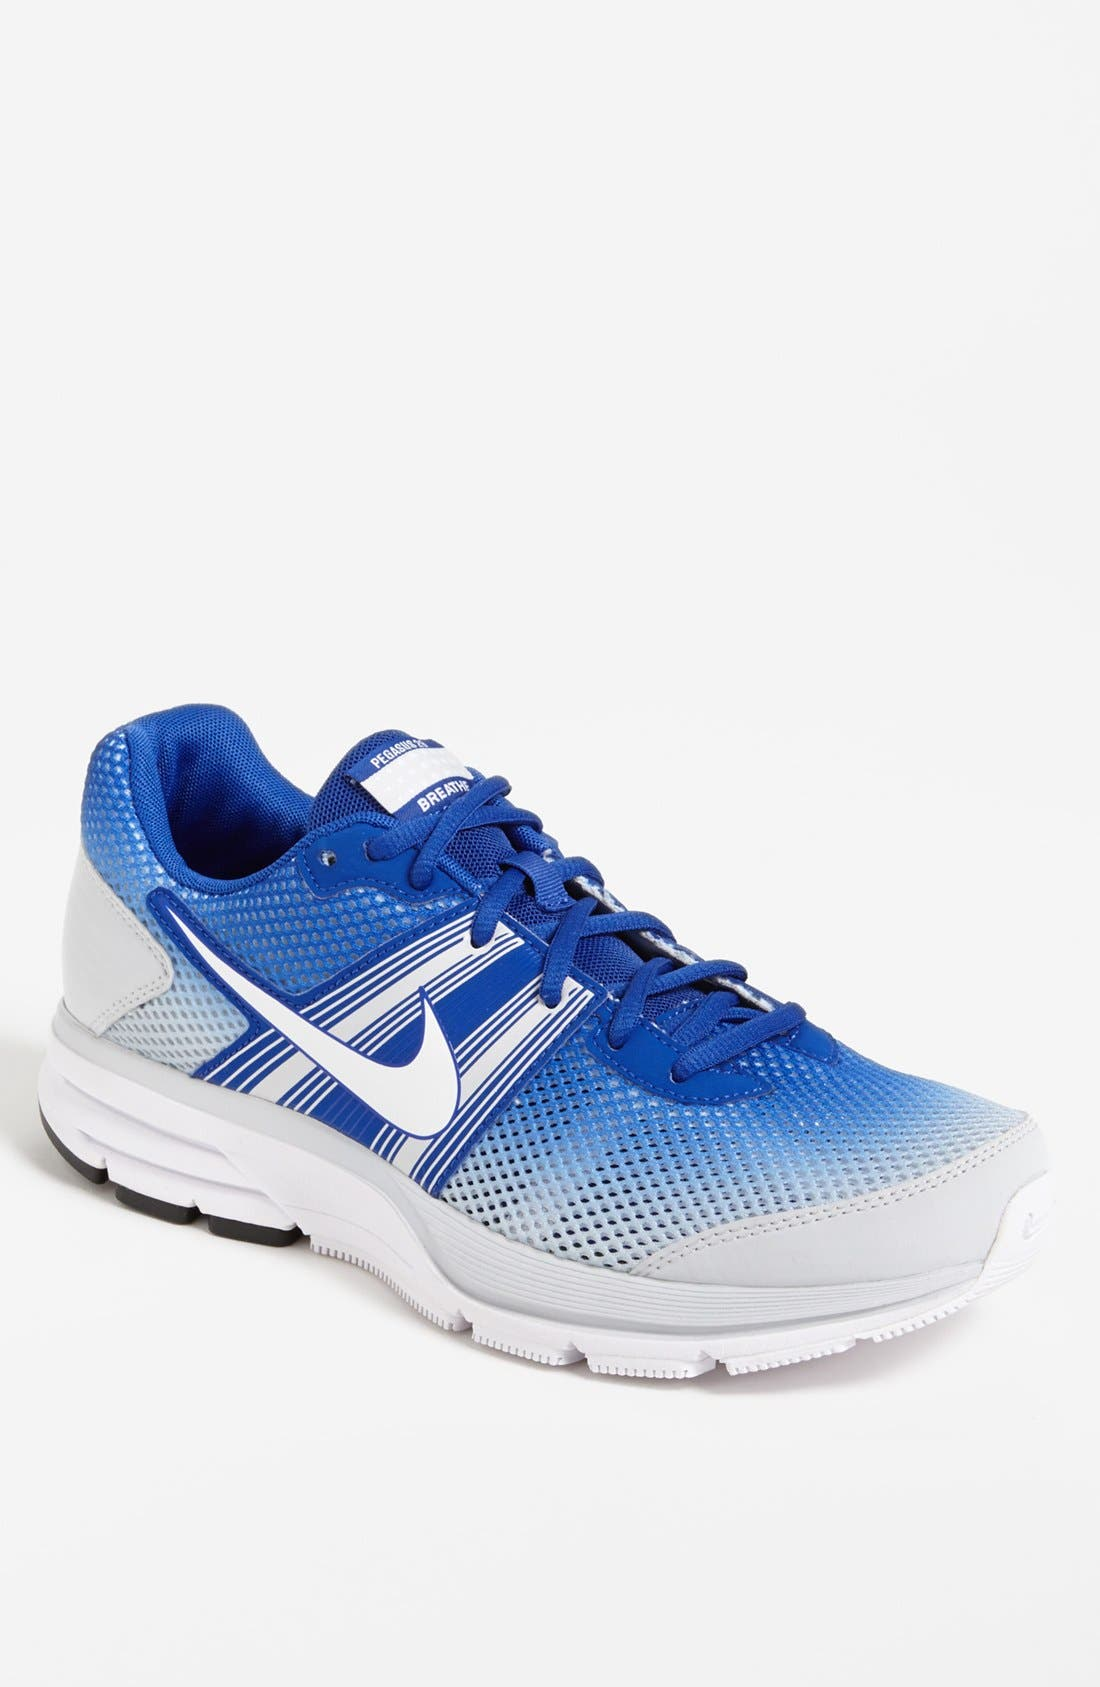 Alternate Image 1 Selected - Nike 'Air Pegasus+ 29 Breathe' Running Shoe (Men)